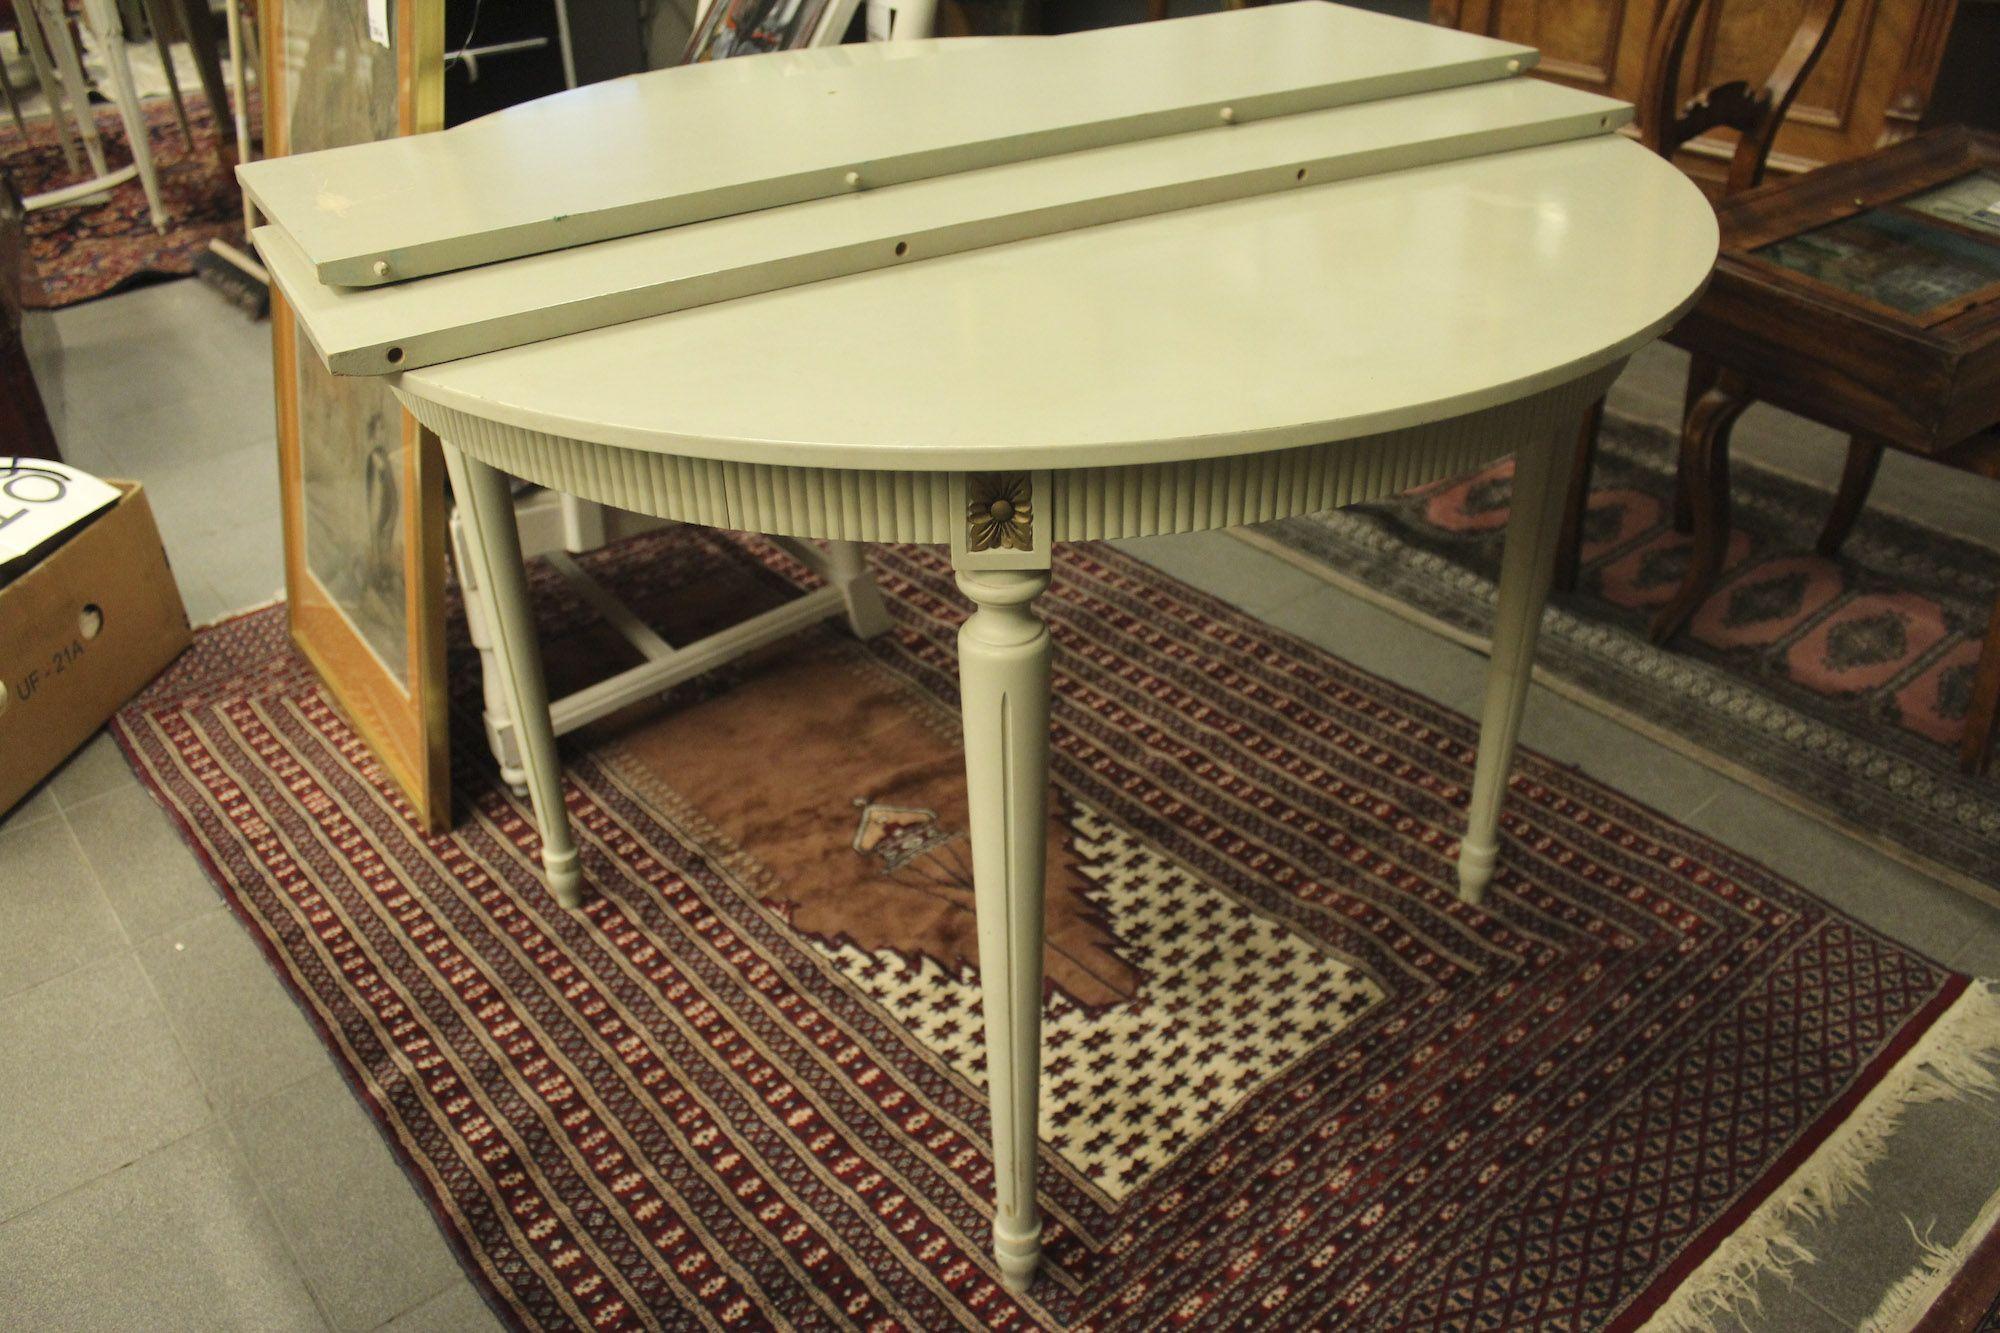 Matbord, Gustaviansk stil, diameter 105, höjd 75, 2 ilägg 788 4151 Metropol Auktioner